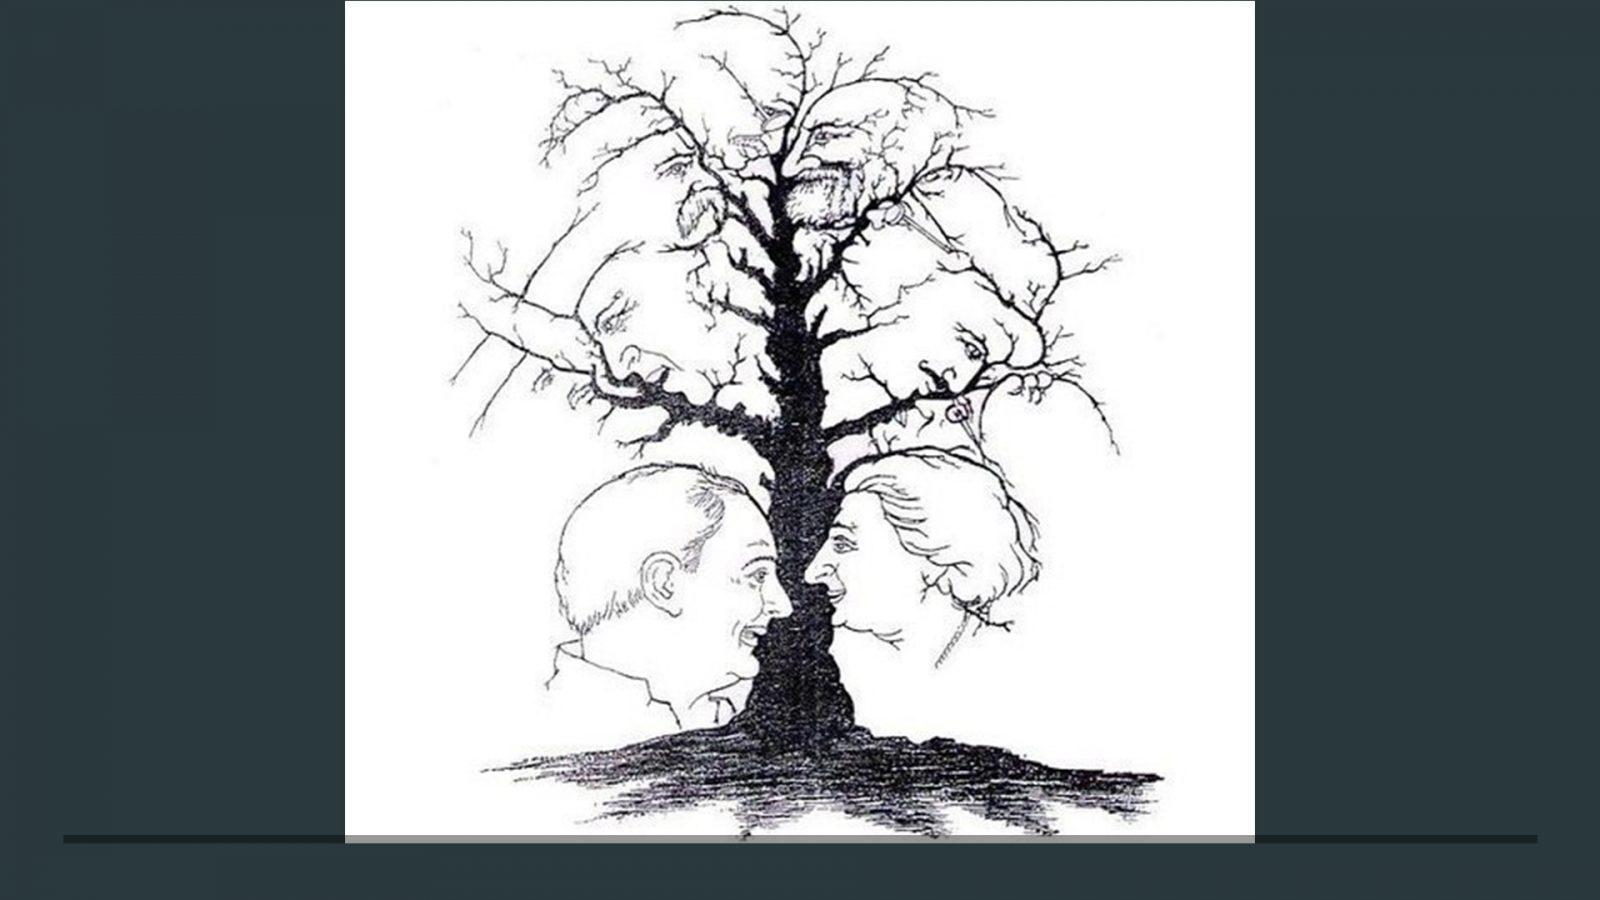 Сколько лиц Вы видите на этой картинке